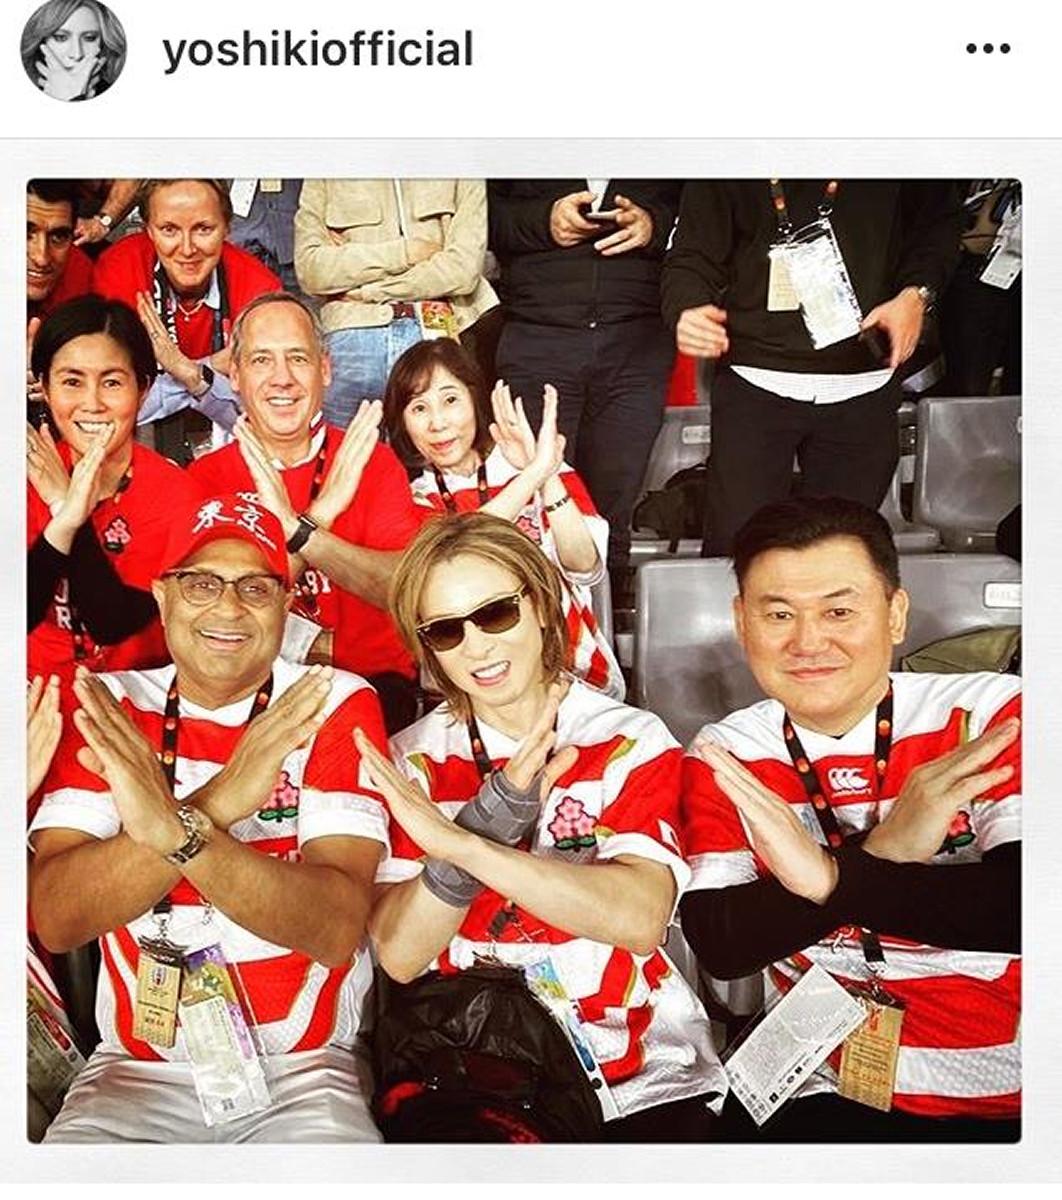 YOSHIKI、ラグビー日本代表ユニホーム姿を公開「新鮮